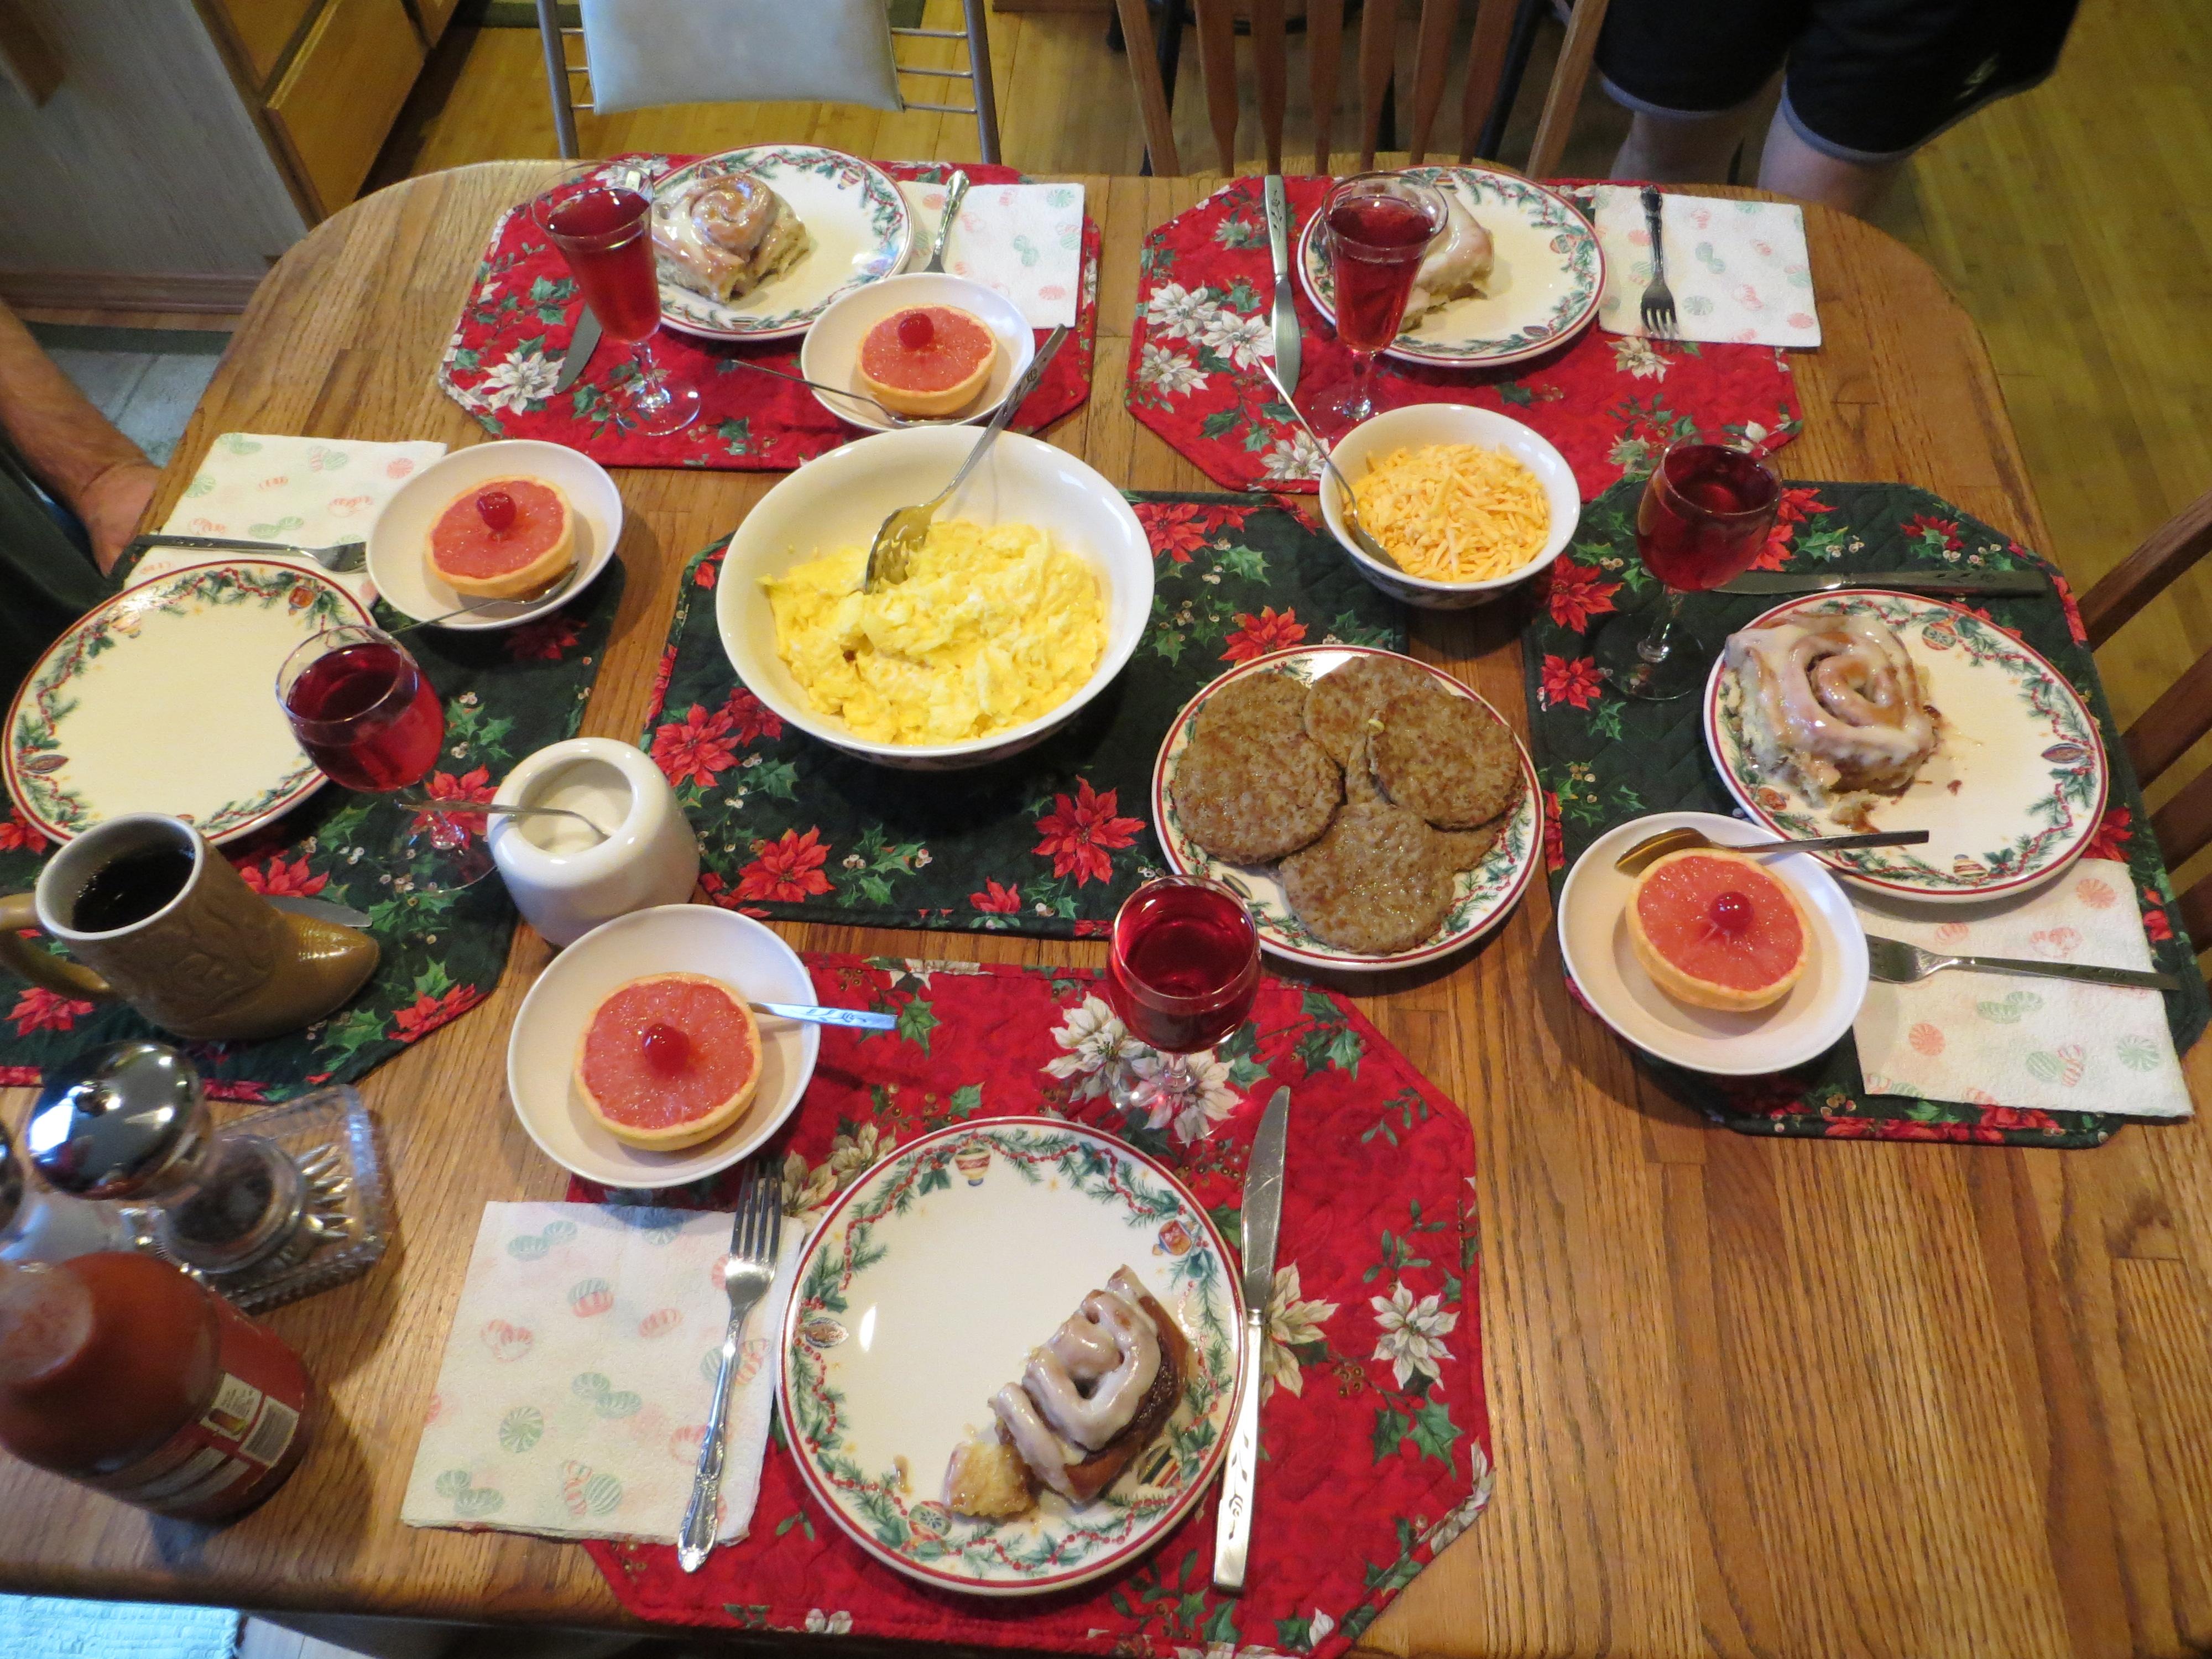 christmas breakfast sausage casserole recipe - allrecipes.com